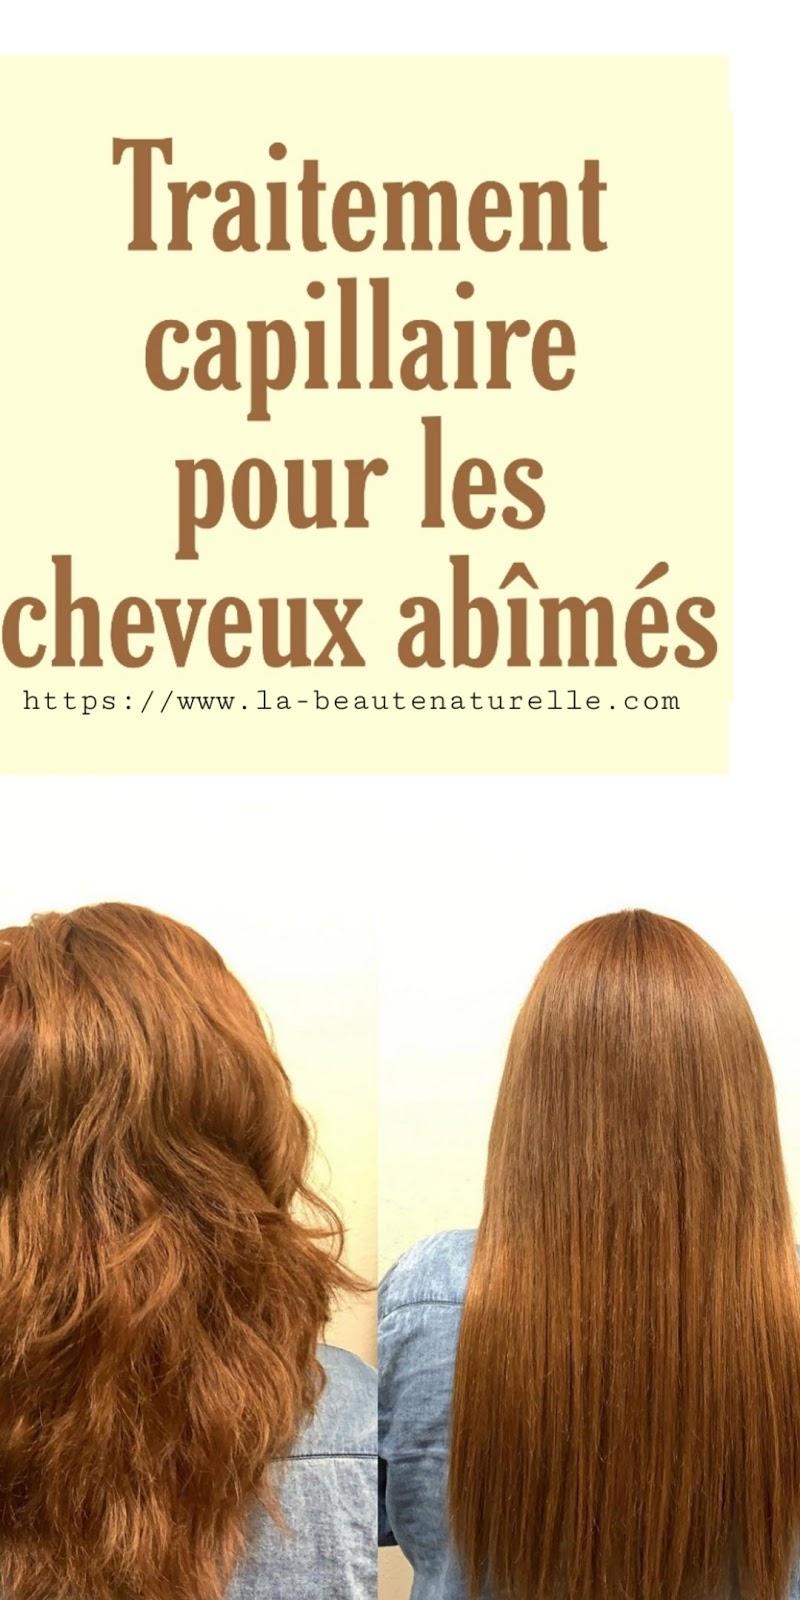 Traitement capillaire pour les cheveux abîmés